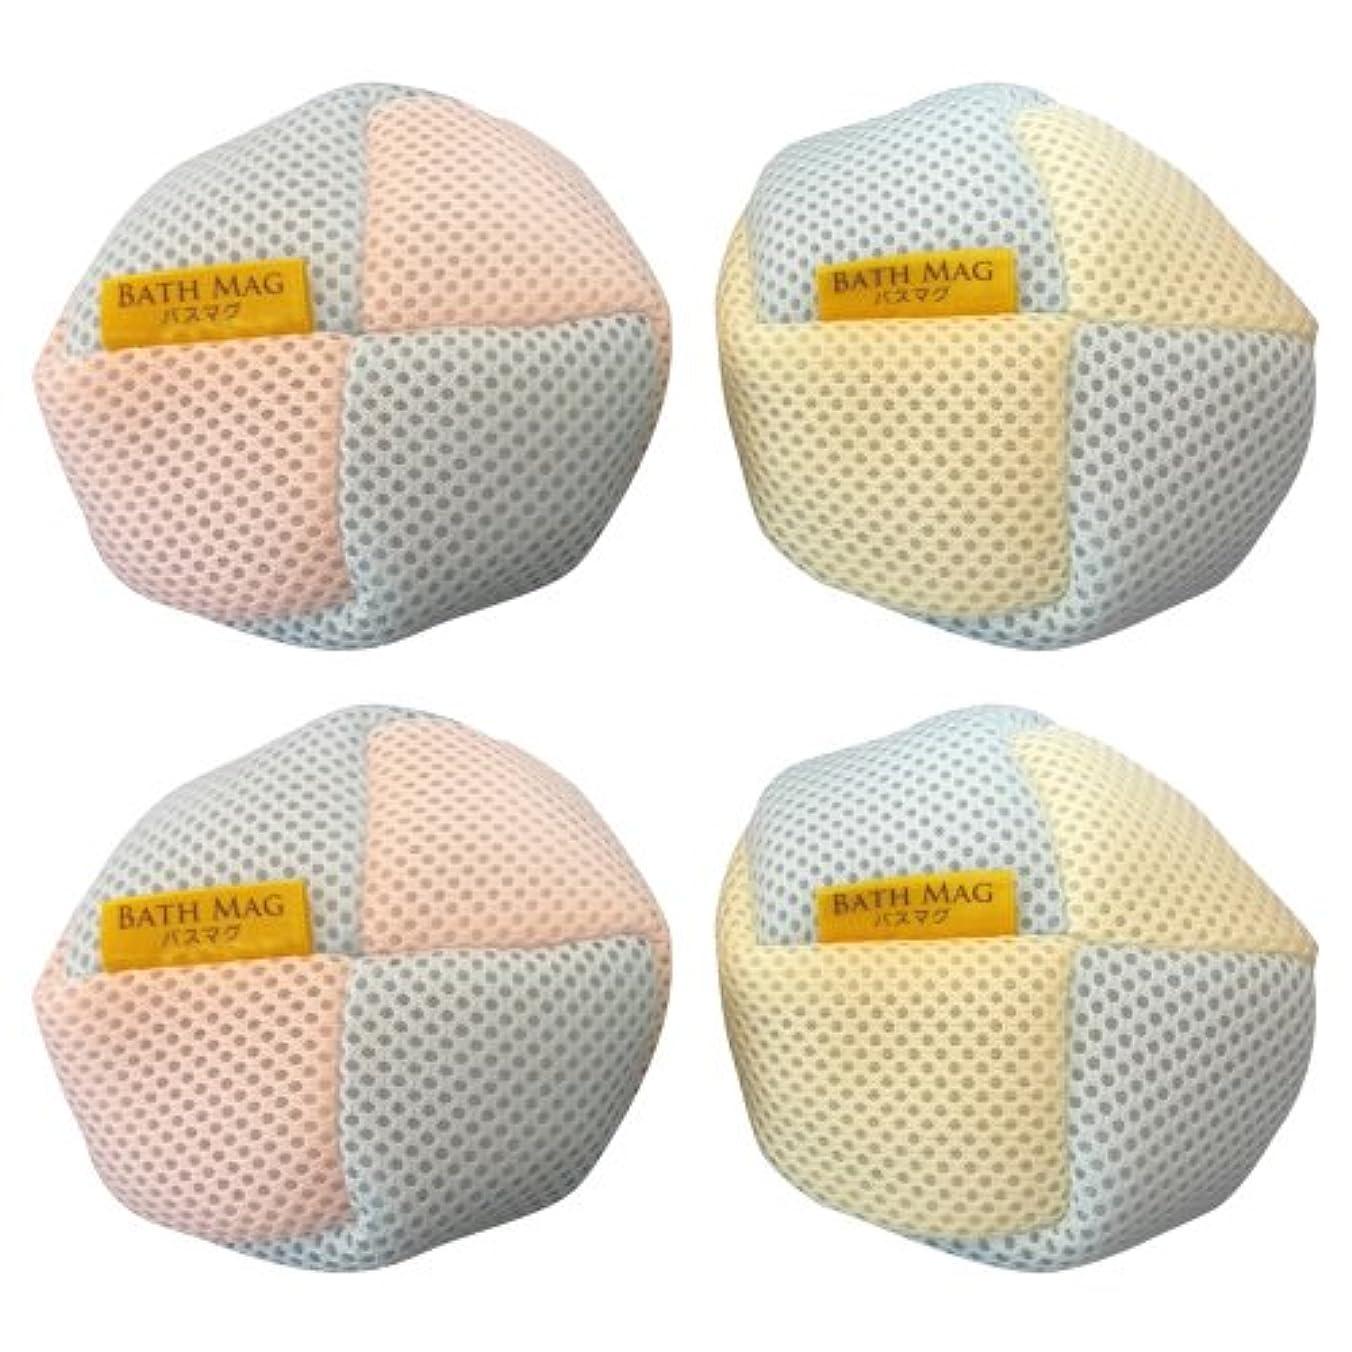 卑しい累積薄暗いBATH MAG マグネシウムde水素浴(バスマグ)2個入り×2箱セット(計4個)